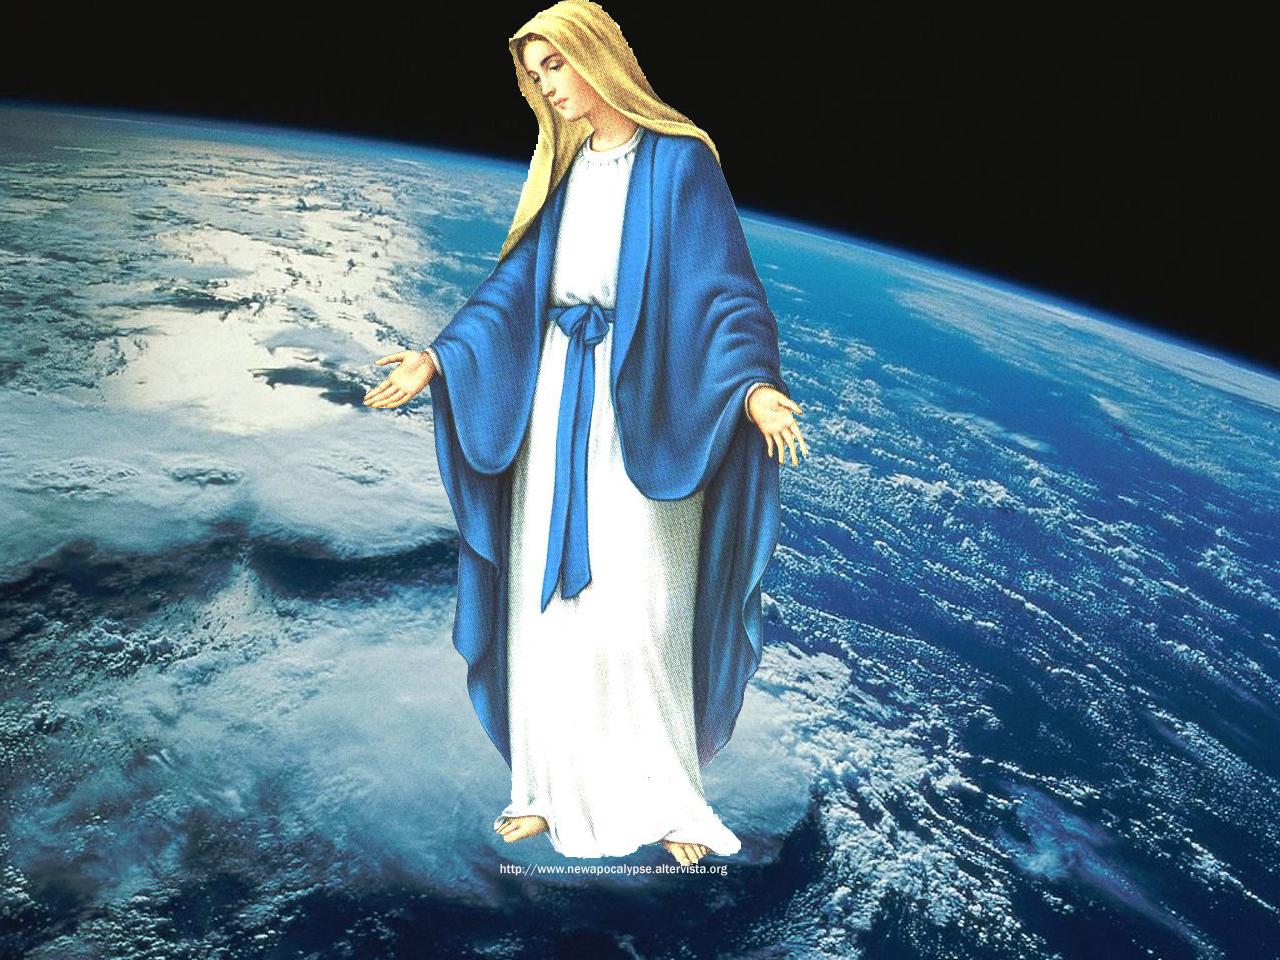 earth_2_Wallpaper_fondo_schermo_Maria_Vergine_santissima_immacolata_Mary_immaculate_conception_1280